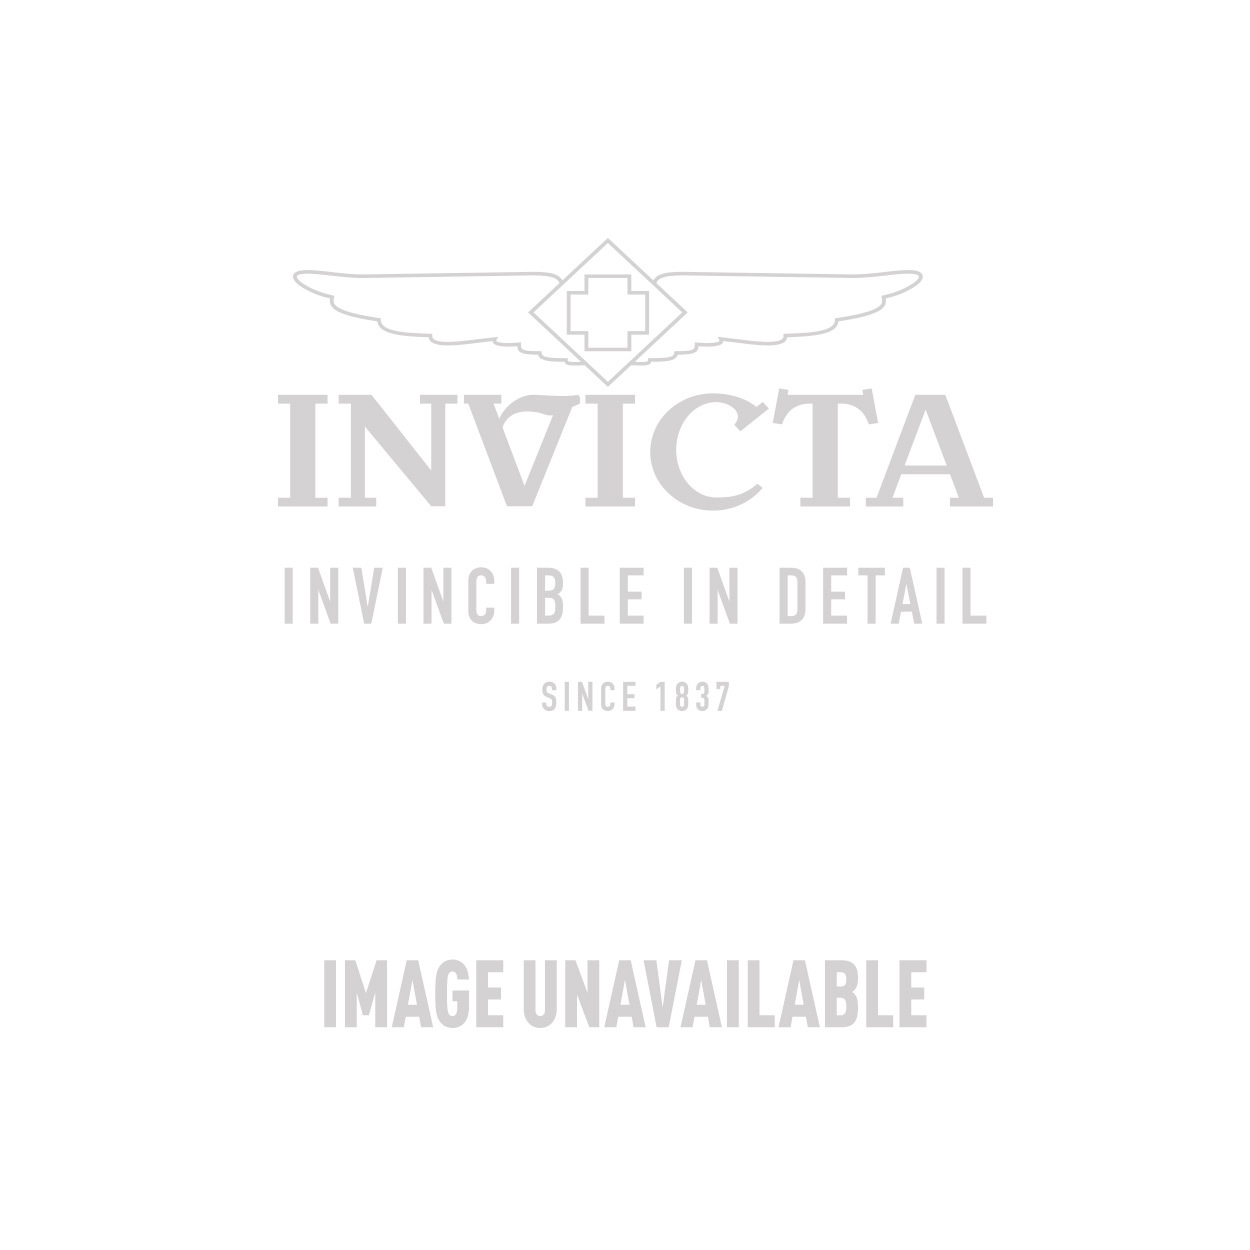 Invicta Model 25619